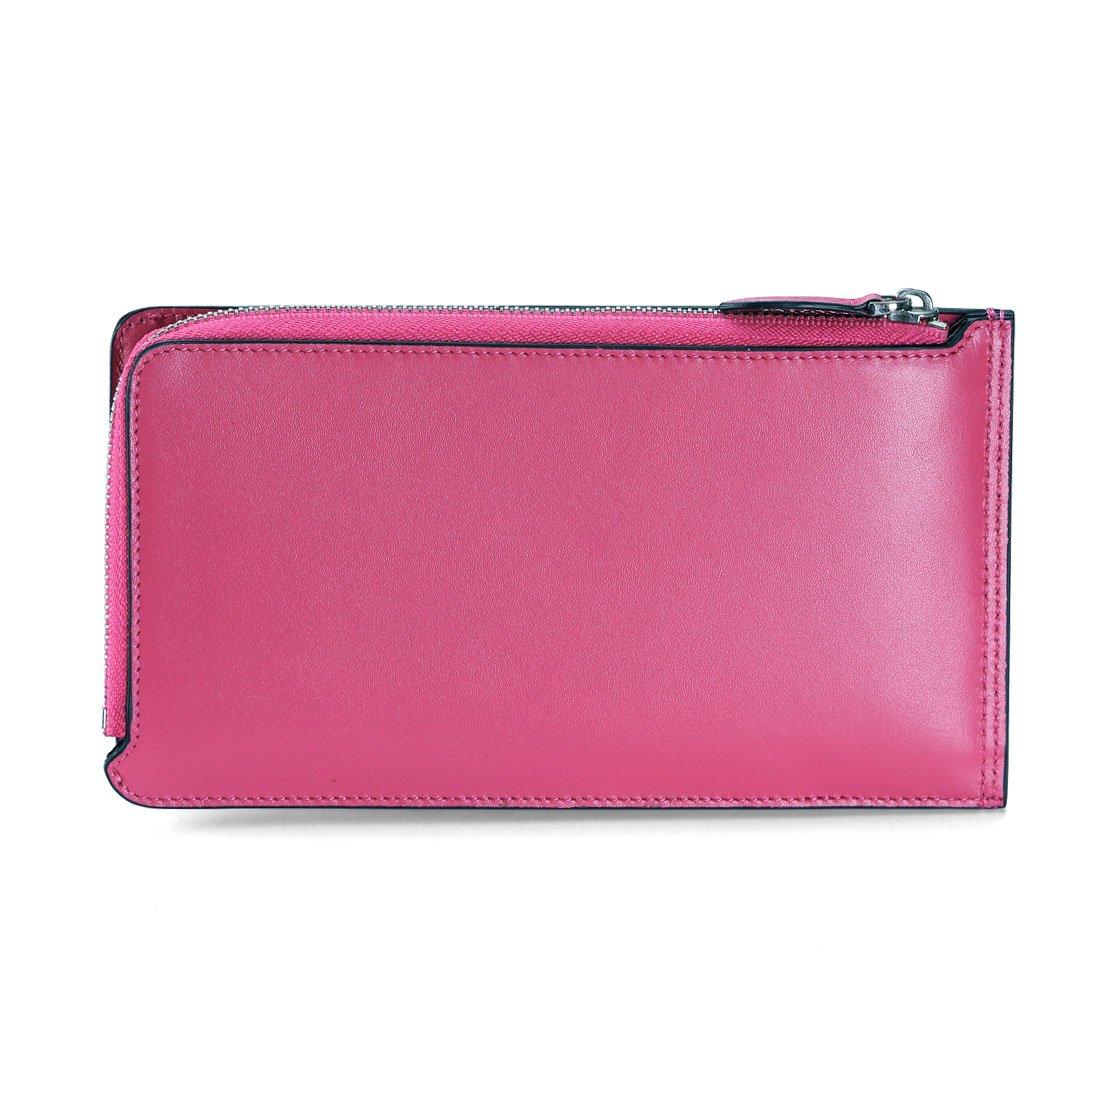 Teemzone Cartera Tarjetero de Mujer Piel Monedero Billetera Cremallera de Color Caramelo (Rosa): Amazon.es: Equipaje